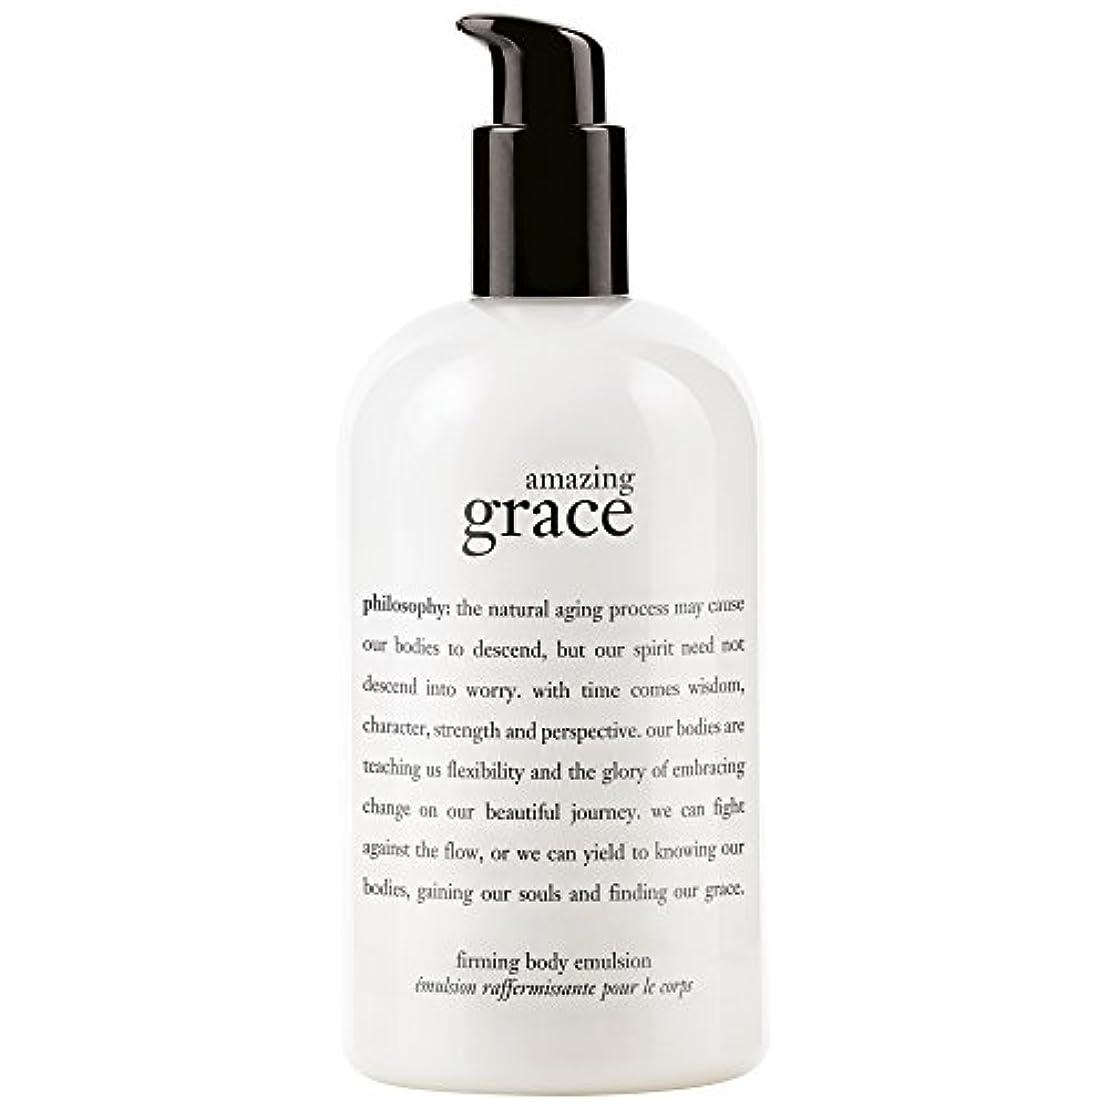 ソーセージ交じるアセンブリ哲学驚くべき恵み引き締めボディエマルジョン480ミリリットル (Philosophy) (x2) - Philosophy Amazing Grace Firming Body Emulsion 480ml (Pack...